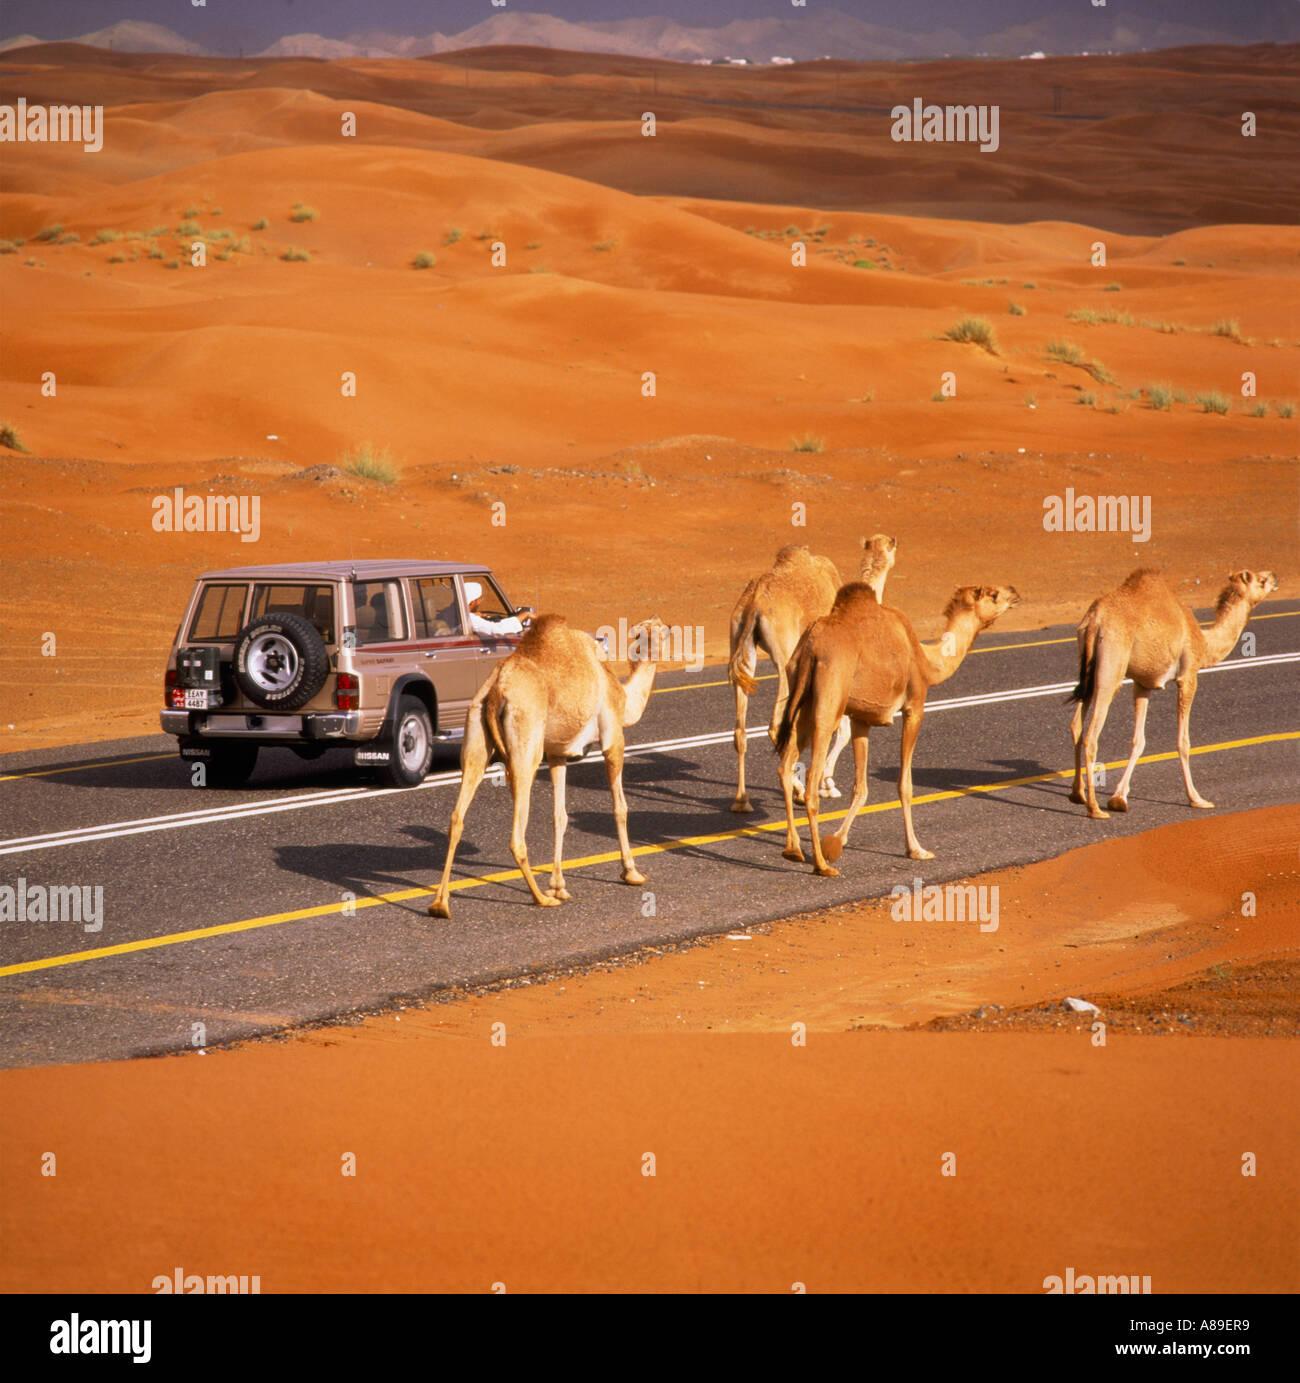 I QUATTRO CAVALIERI DELL'APOCALISSE  Cammelli-vagare-lungo-come-un-4-ruote-motrici-li-passa-sulla-principale-strada-nel-deserto-attraverso-le-dune-di-sabbia-a-sud-di-al-ain-in-abu-dhabi-a89er9